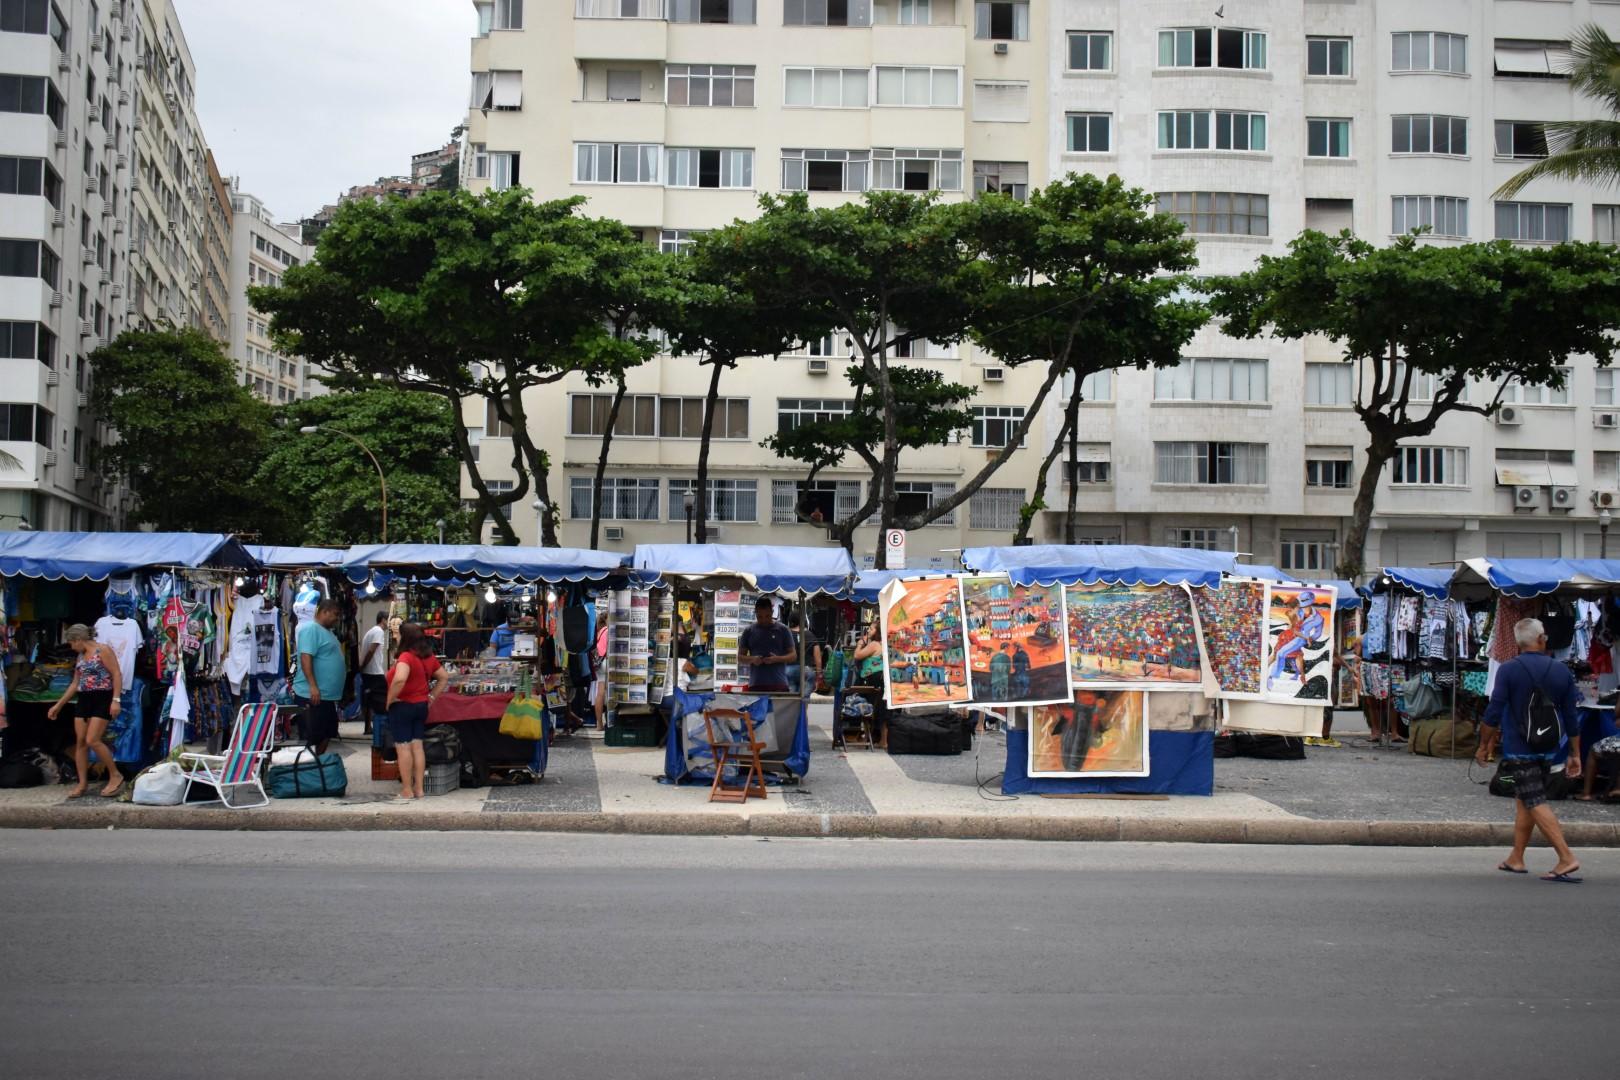 Av. Atlântica, Copacabana, Rio de Janeiro